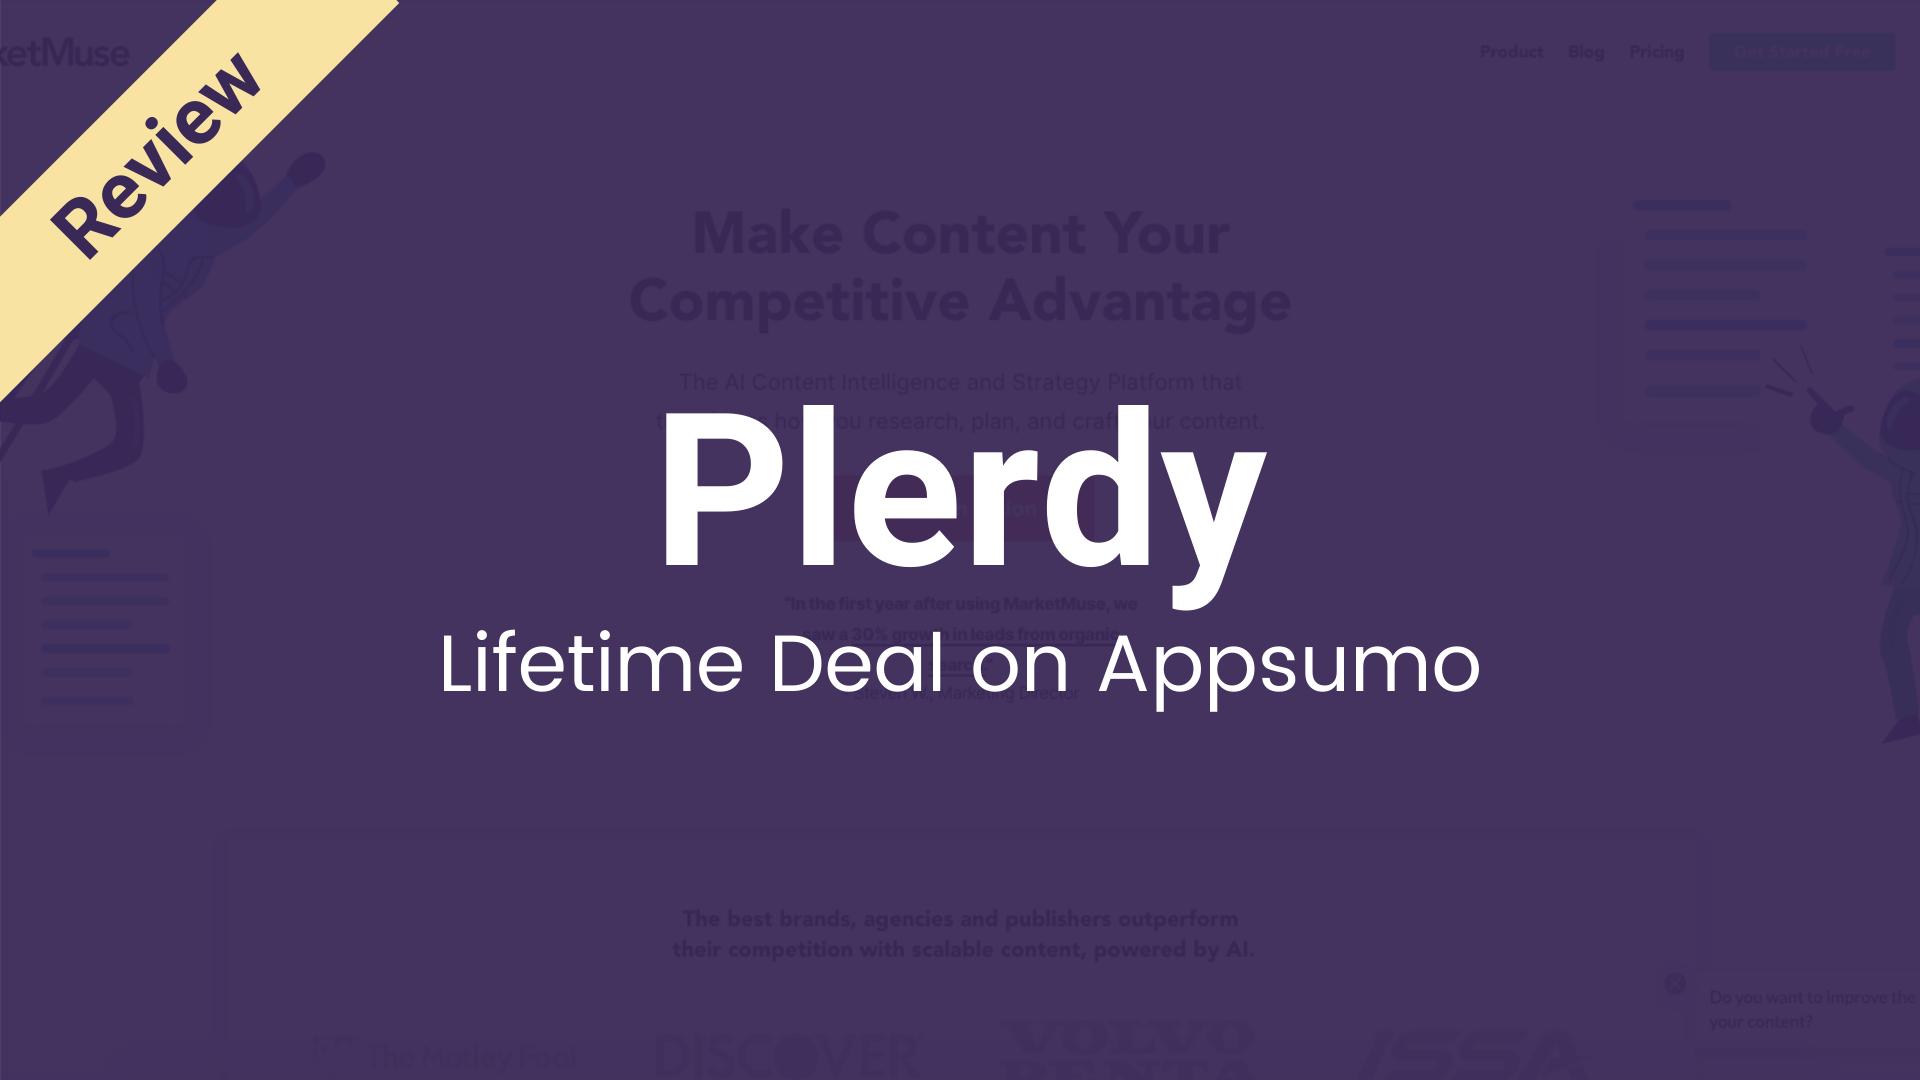 Plerdy CRO UX Toolkit